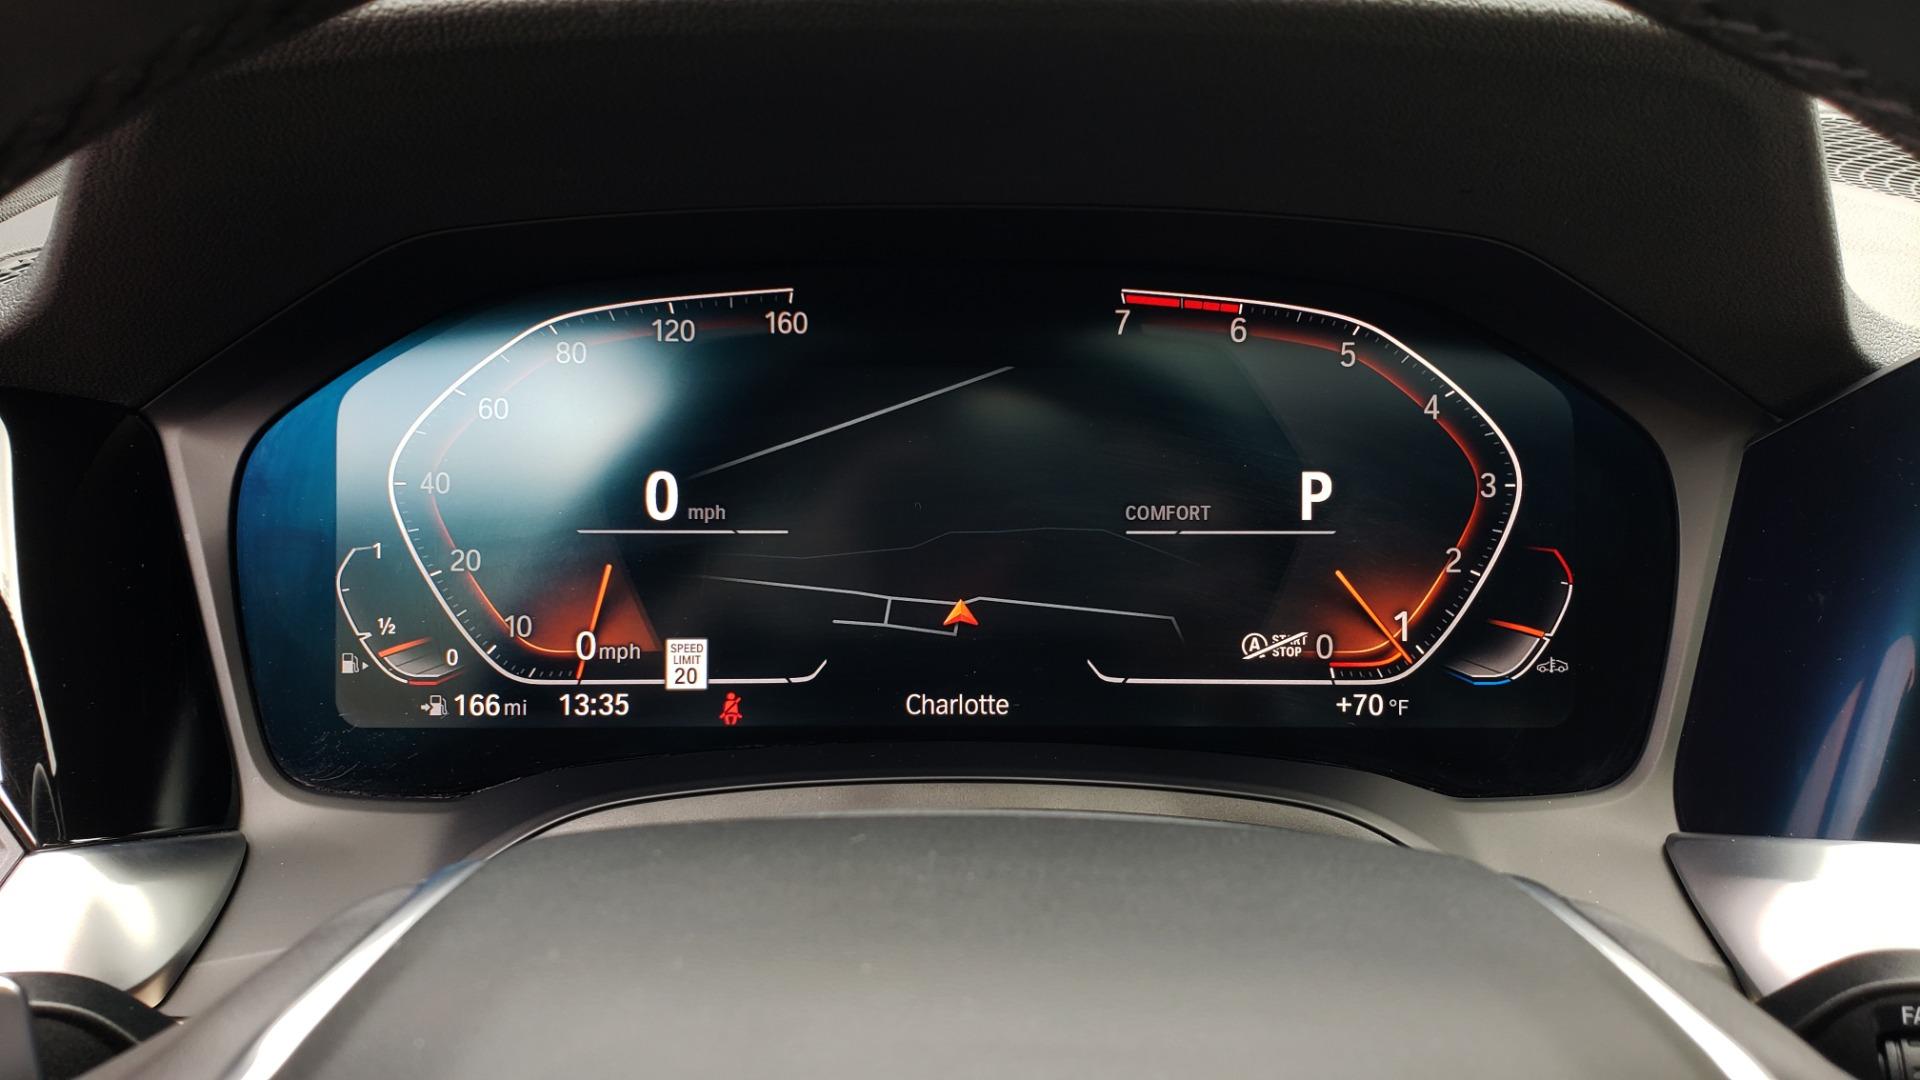 Used 2019 BMW 3 SERIES 330I PREM PKG / NAV / CONV PKG / H&K SND / LIVE COCKPIT PRO for sale Sold at Formula Imports in Charlotte NC 28227 44